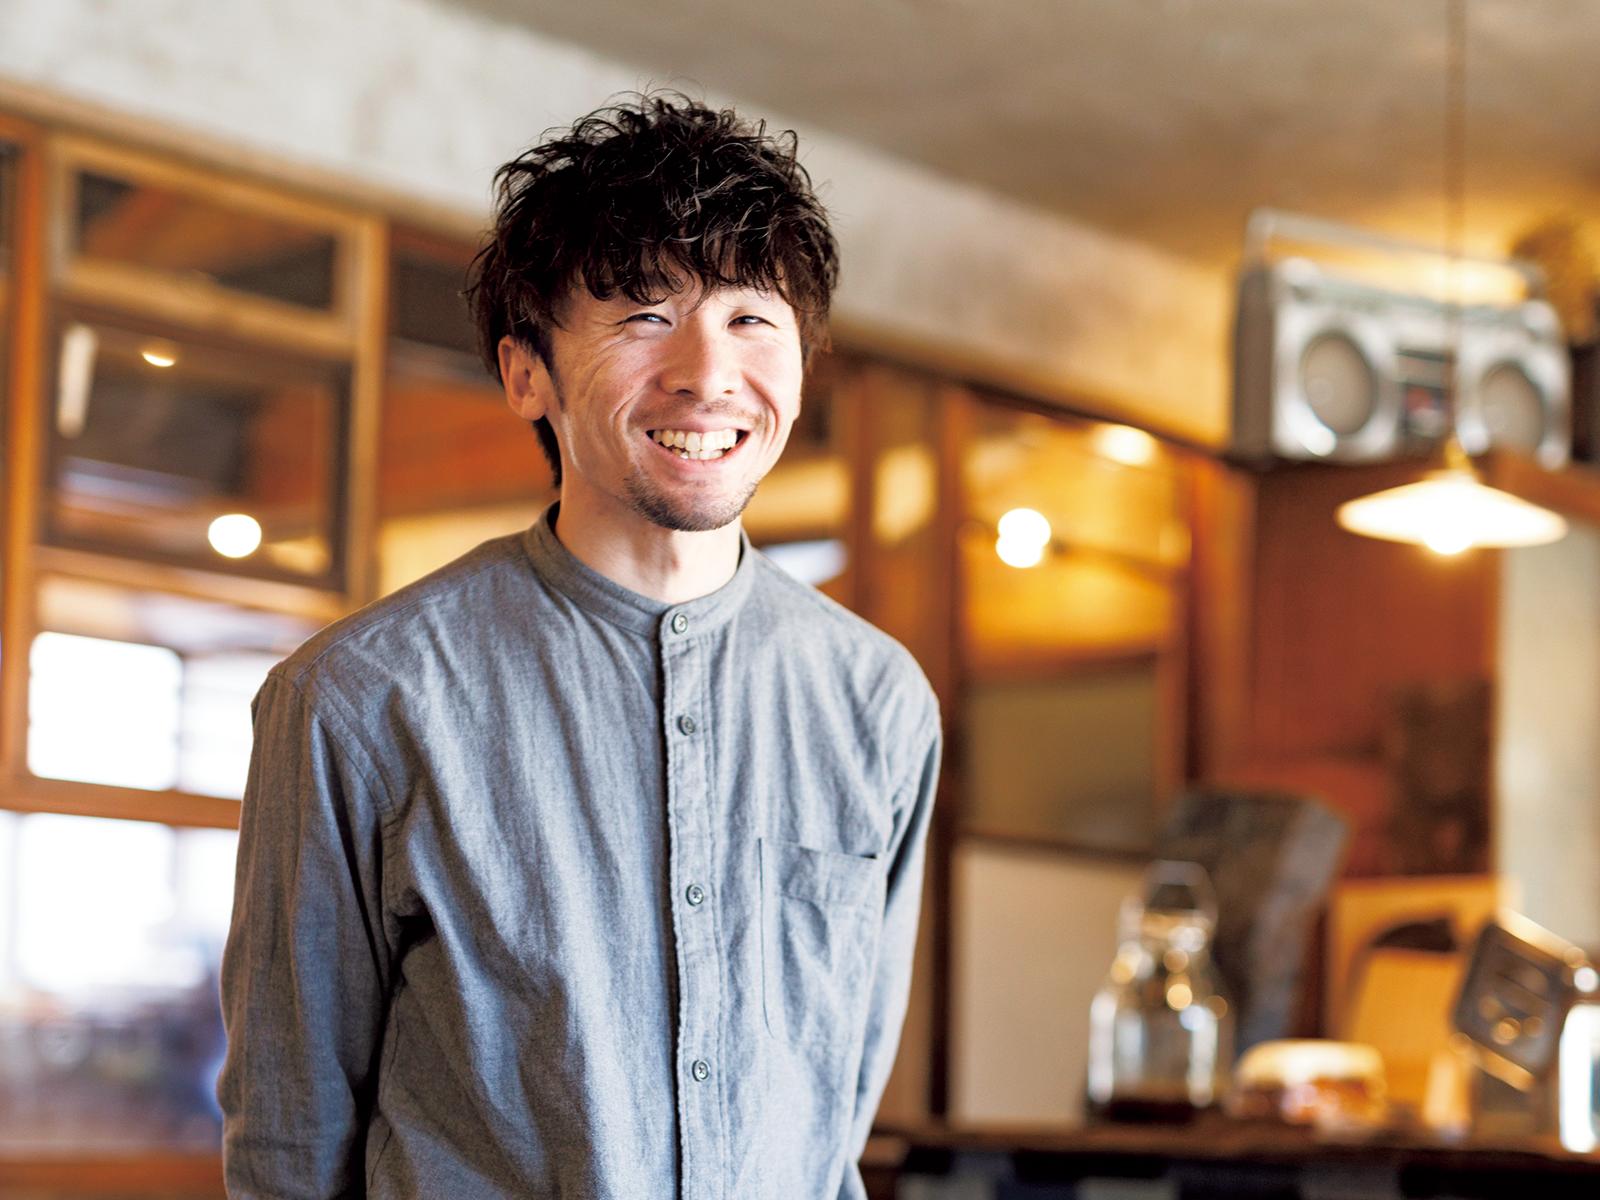 「必要なものは自分たちで生み出したい」と話す、オーナーの川島佳輔さん。